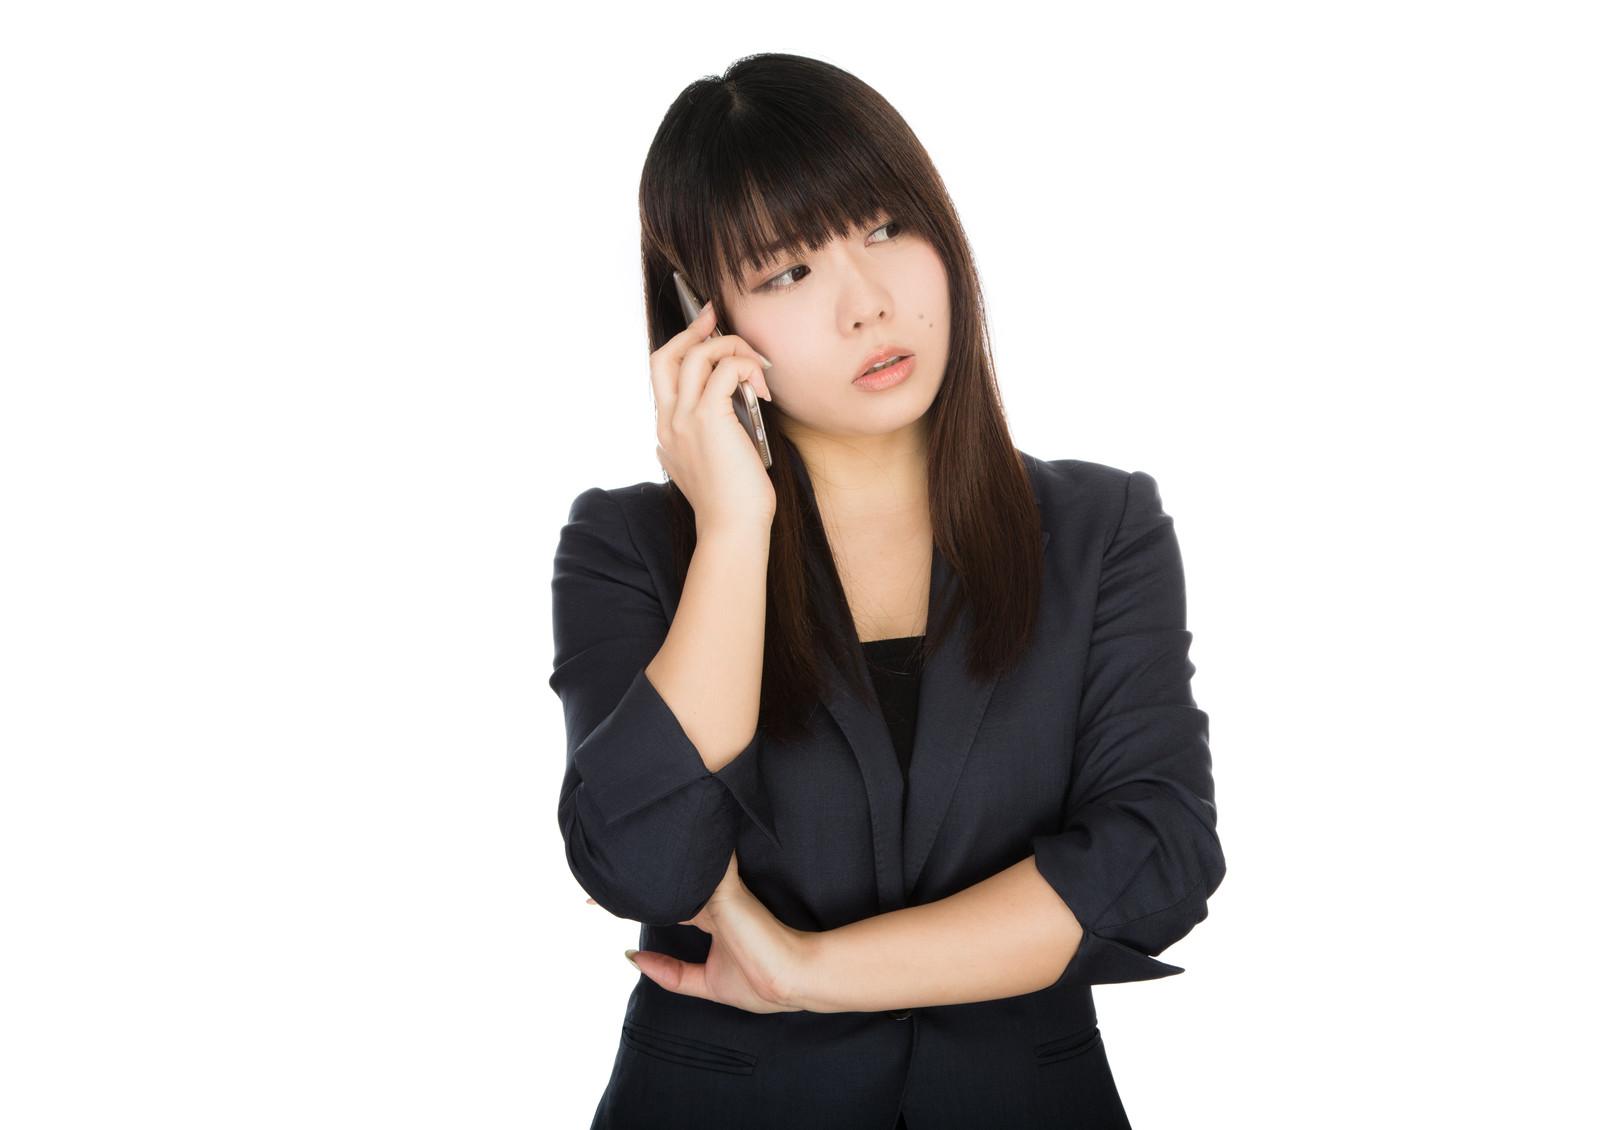 スマホの通話を録音する方法は?無料アプリでもできる?